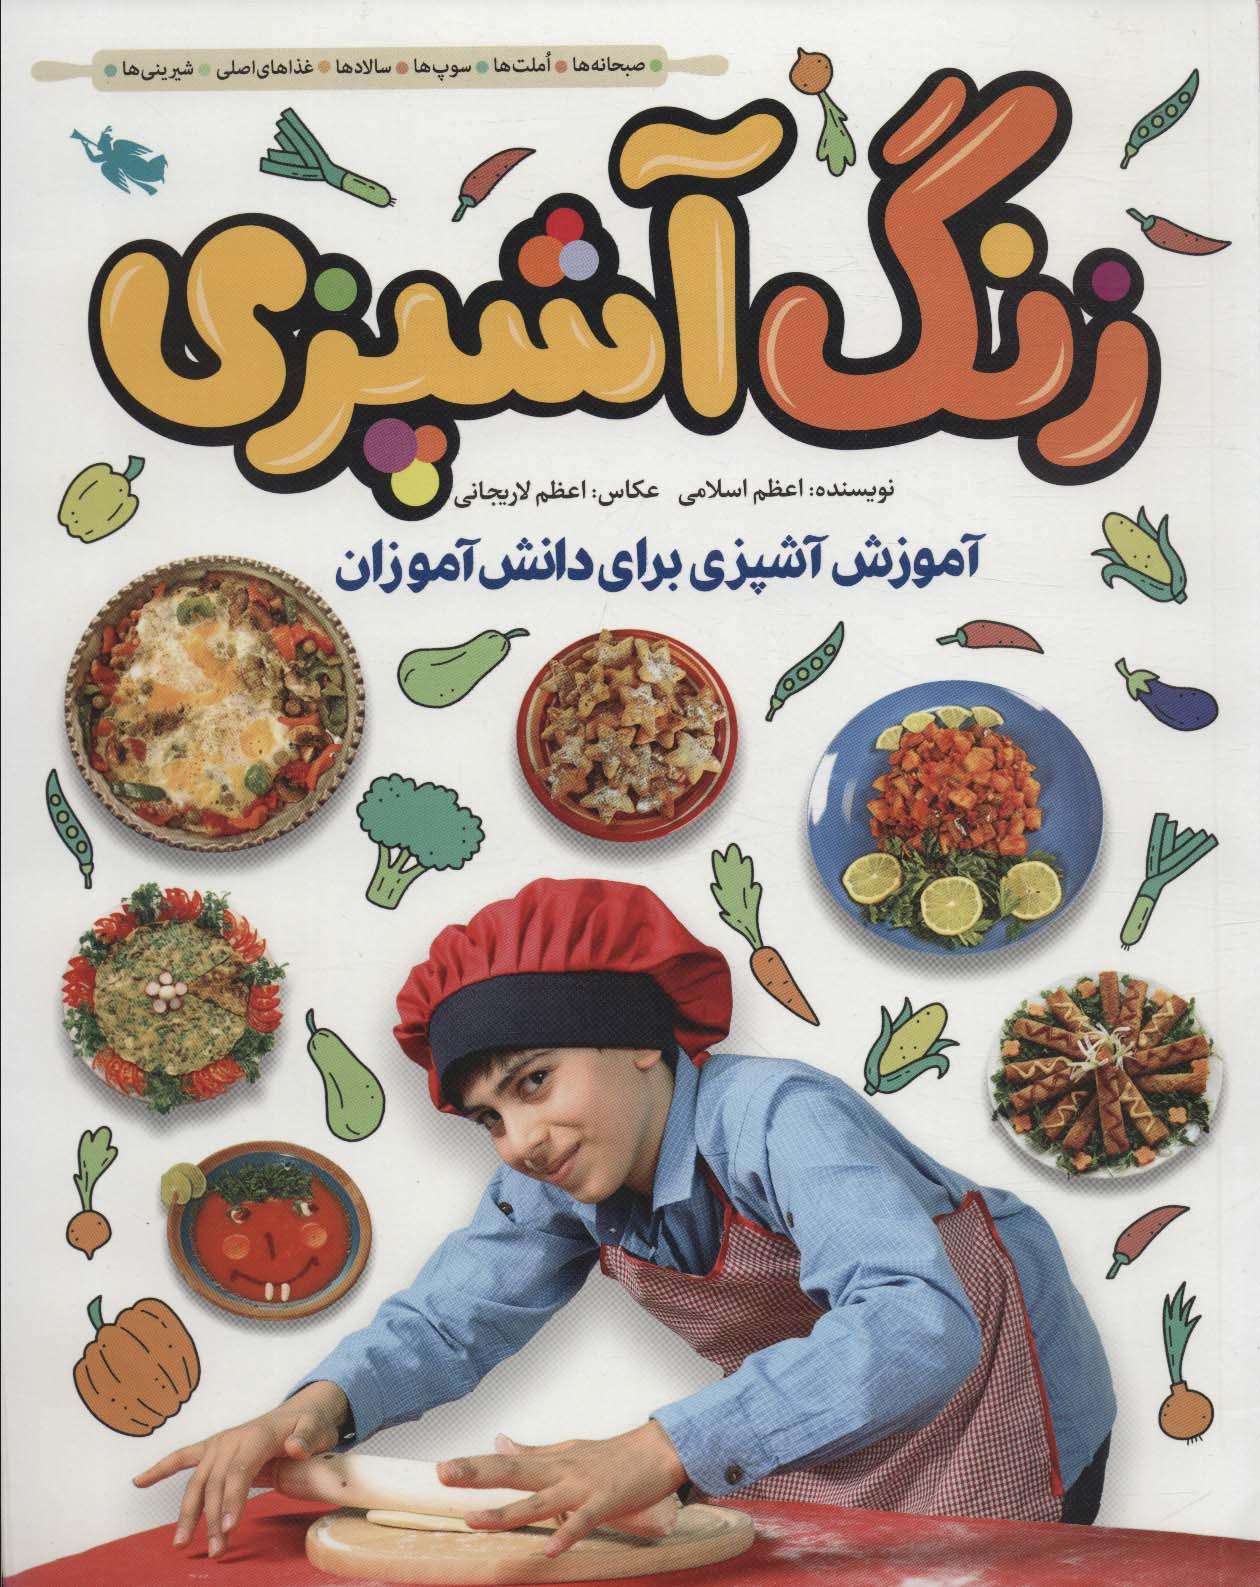 زنگ آشپزی (آموزش آشپزی برای دانش آموزان)،(گلاسه)